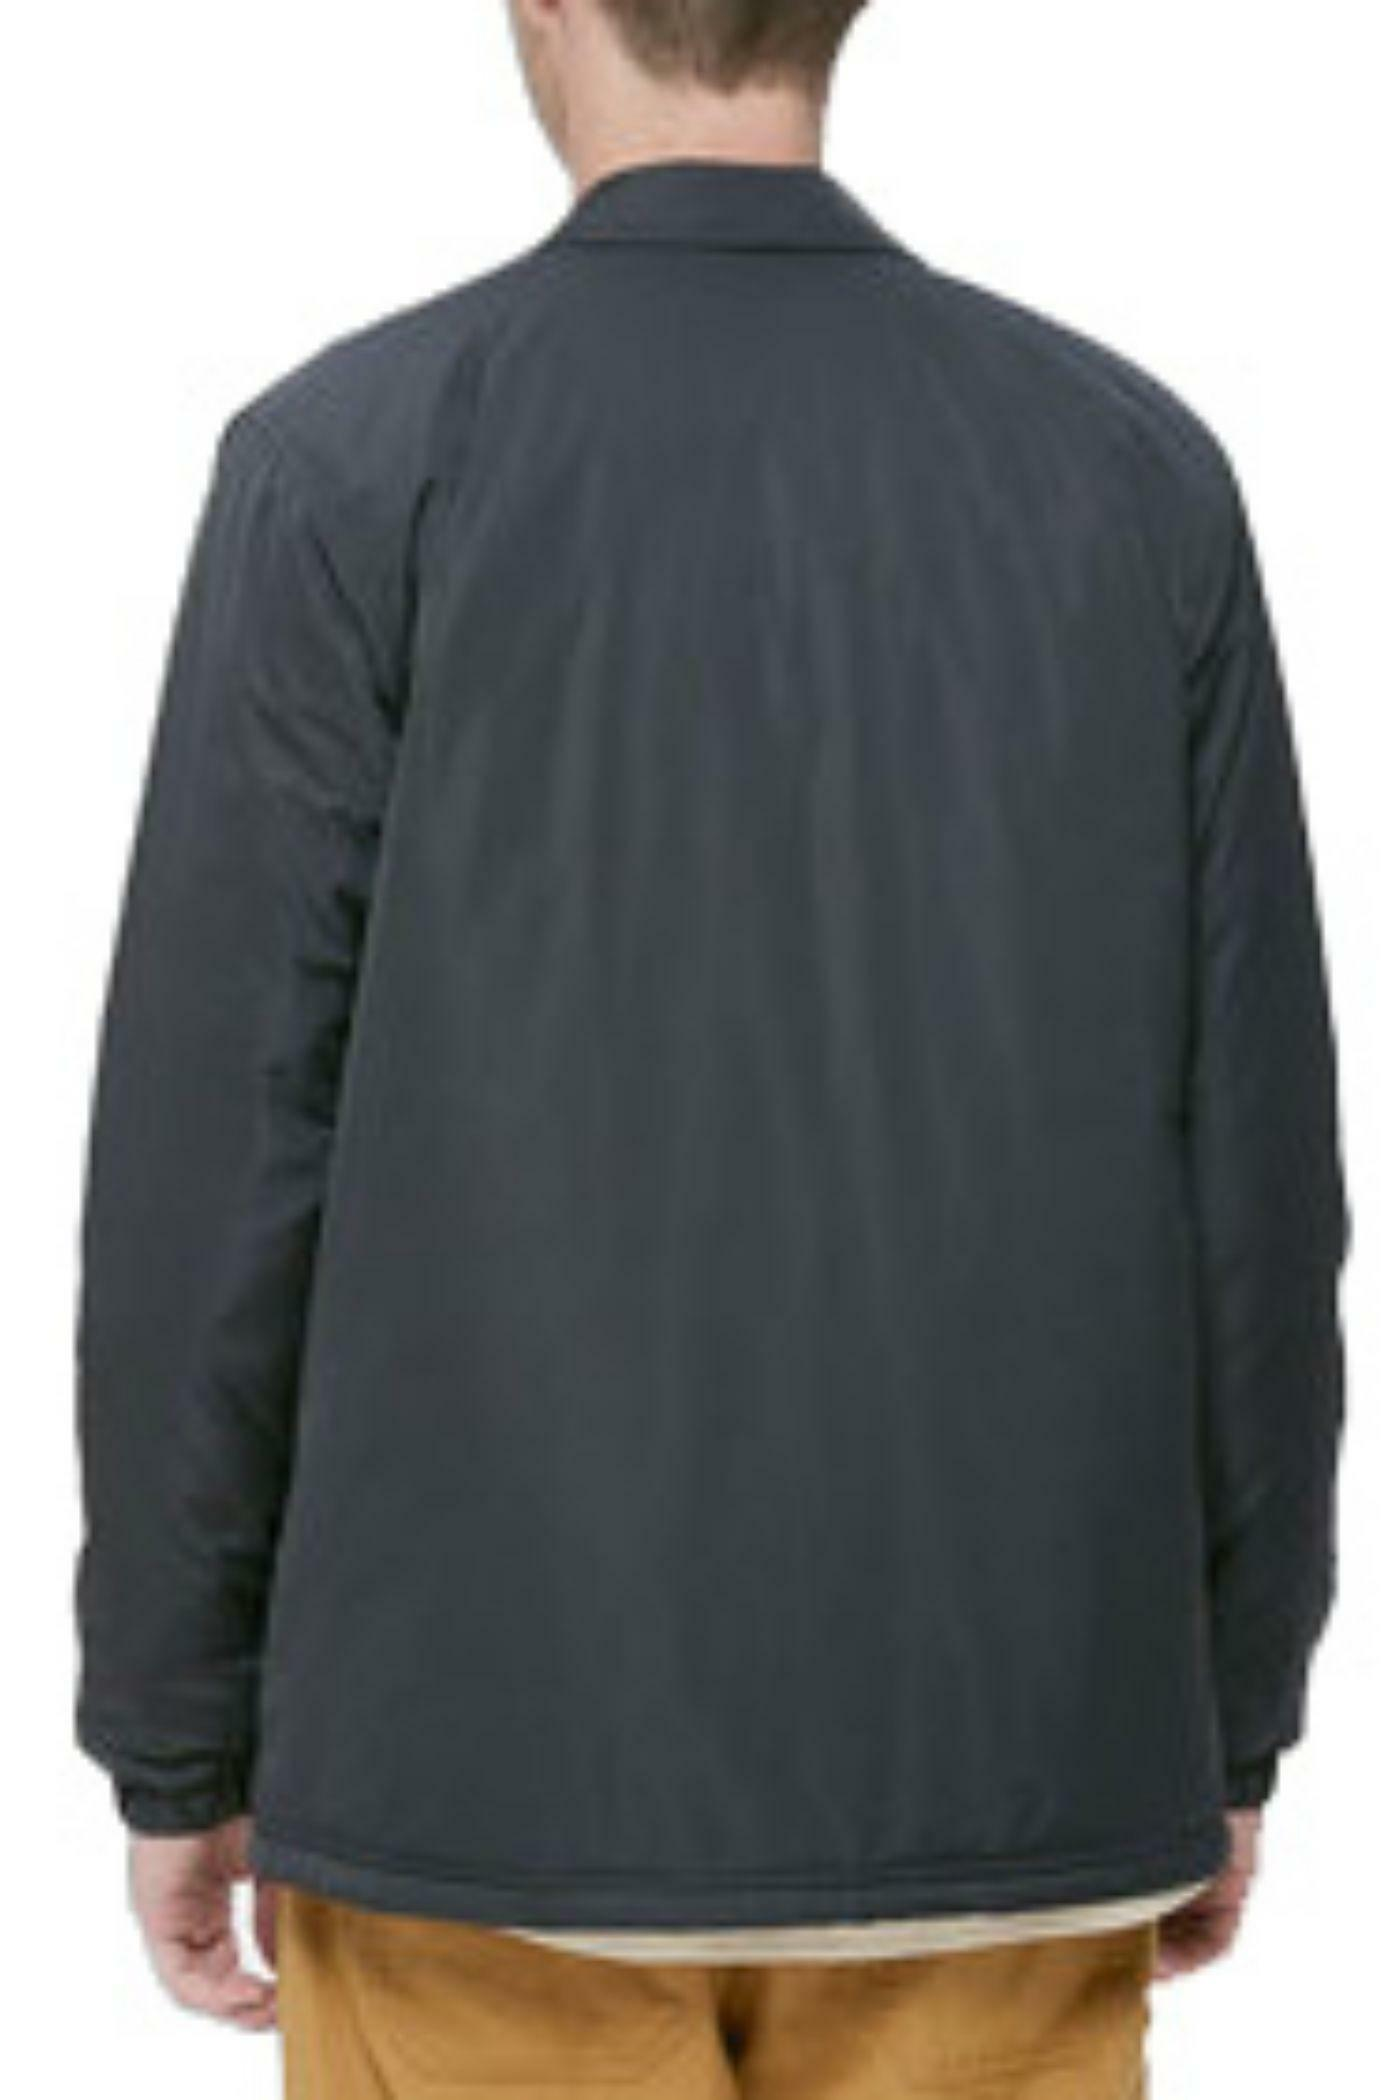 obey obey sanction jacket giacchetto uomo nero